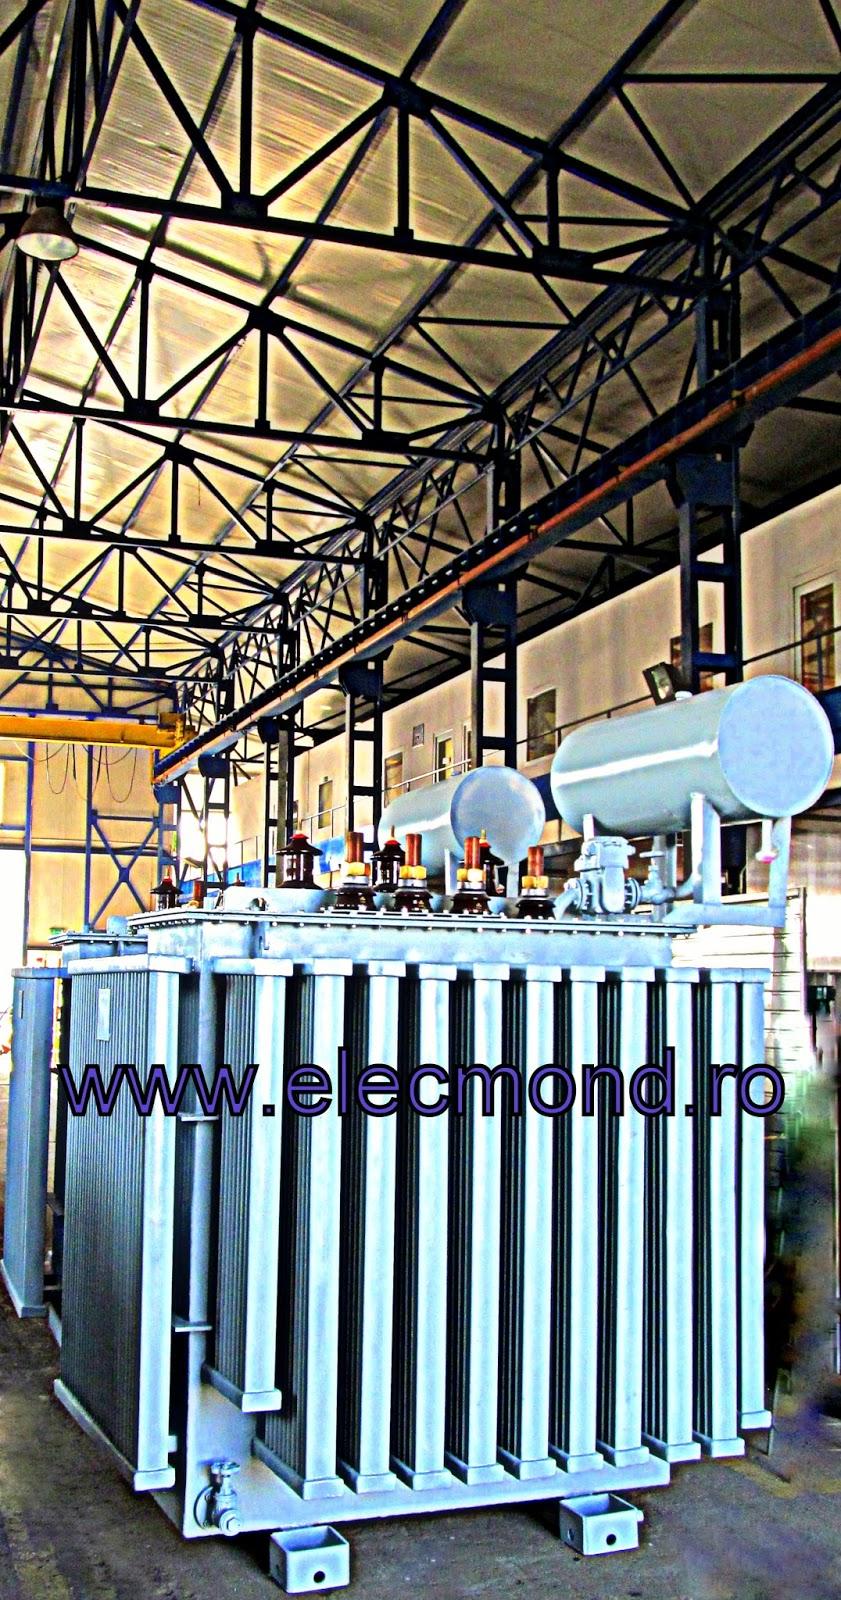 transformatoare 1600 , transformatoare 1600 kVA pret , transformator 1600 kVA , transformatoare de putere , transformator de putere , elecmond , transformatoare electrice